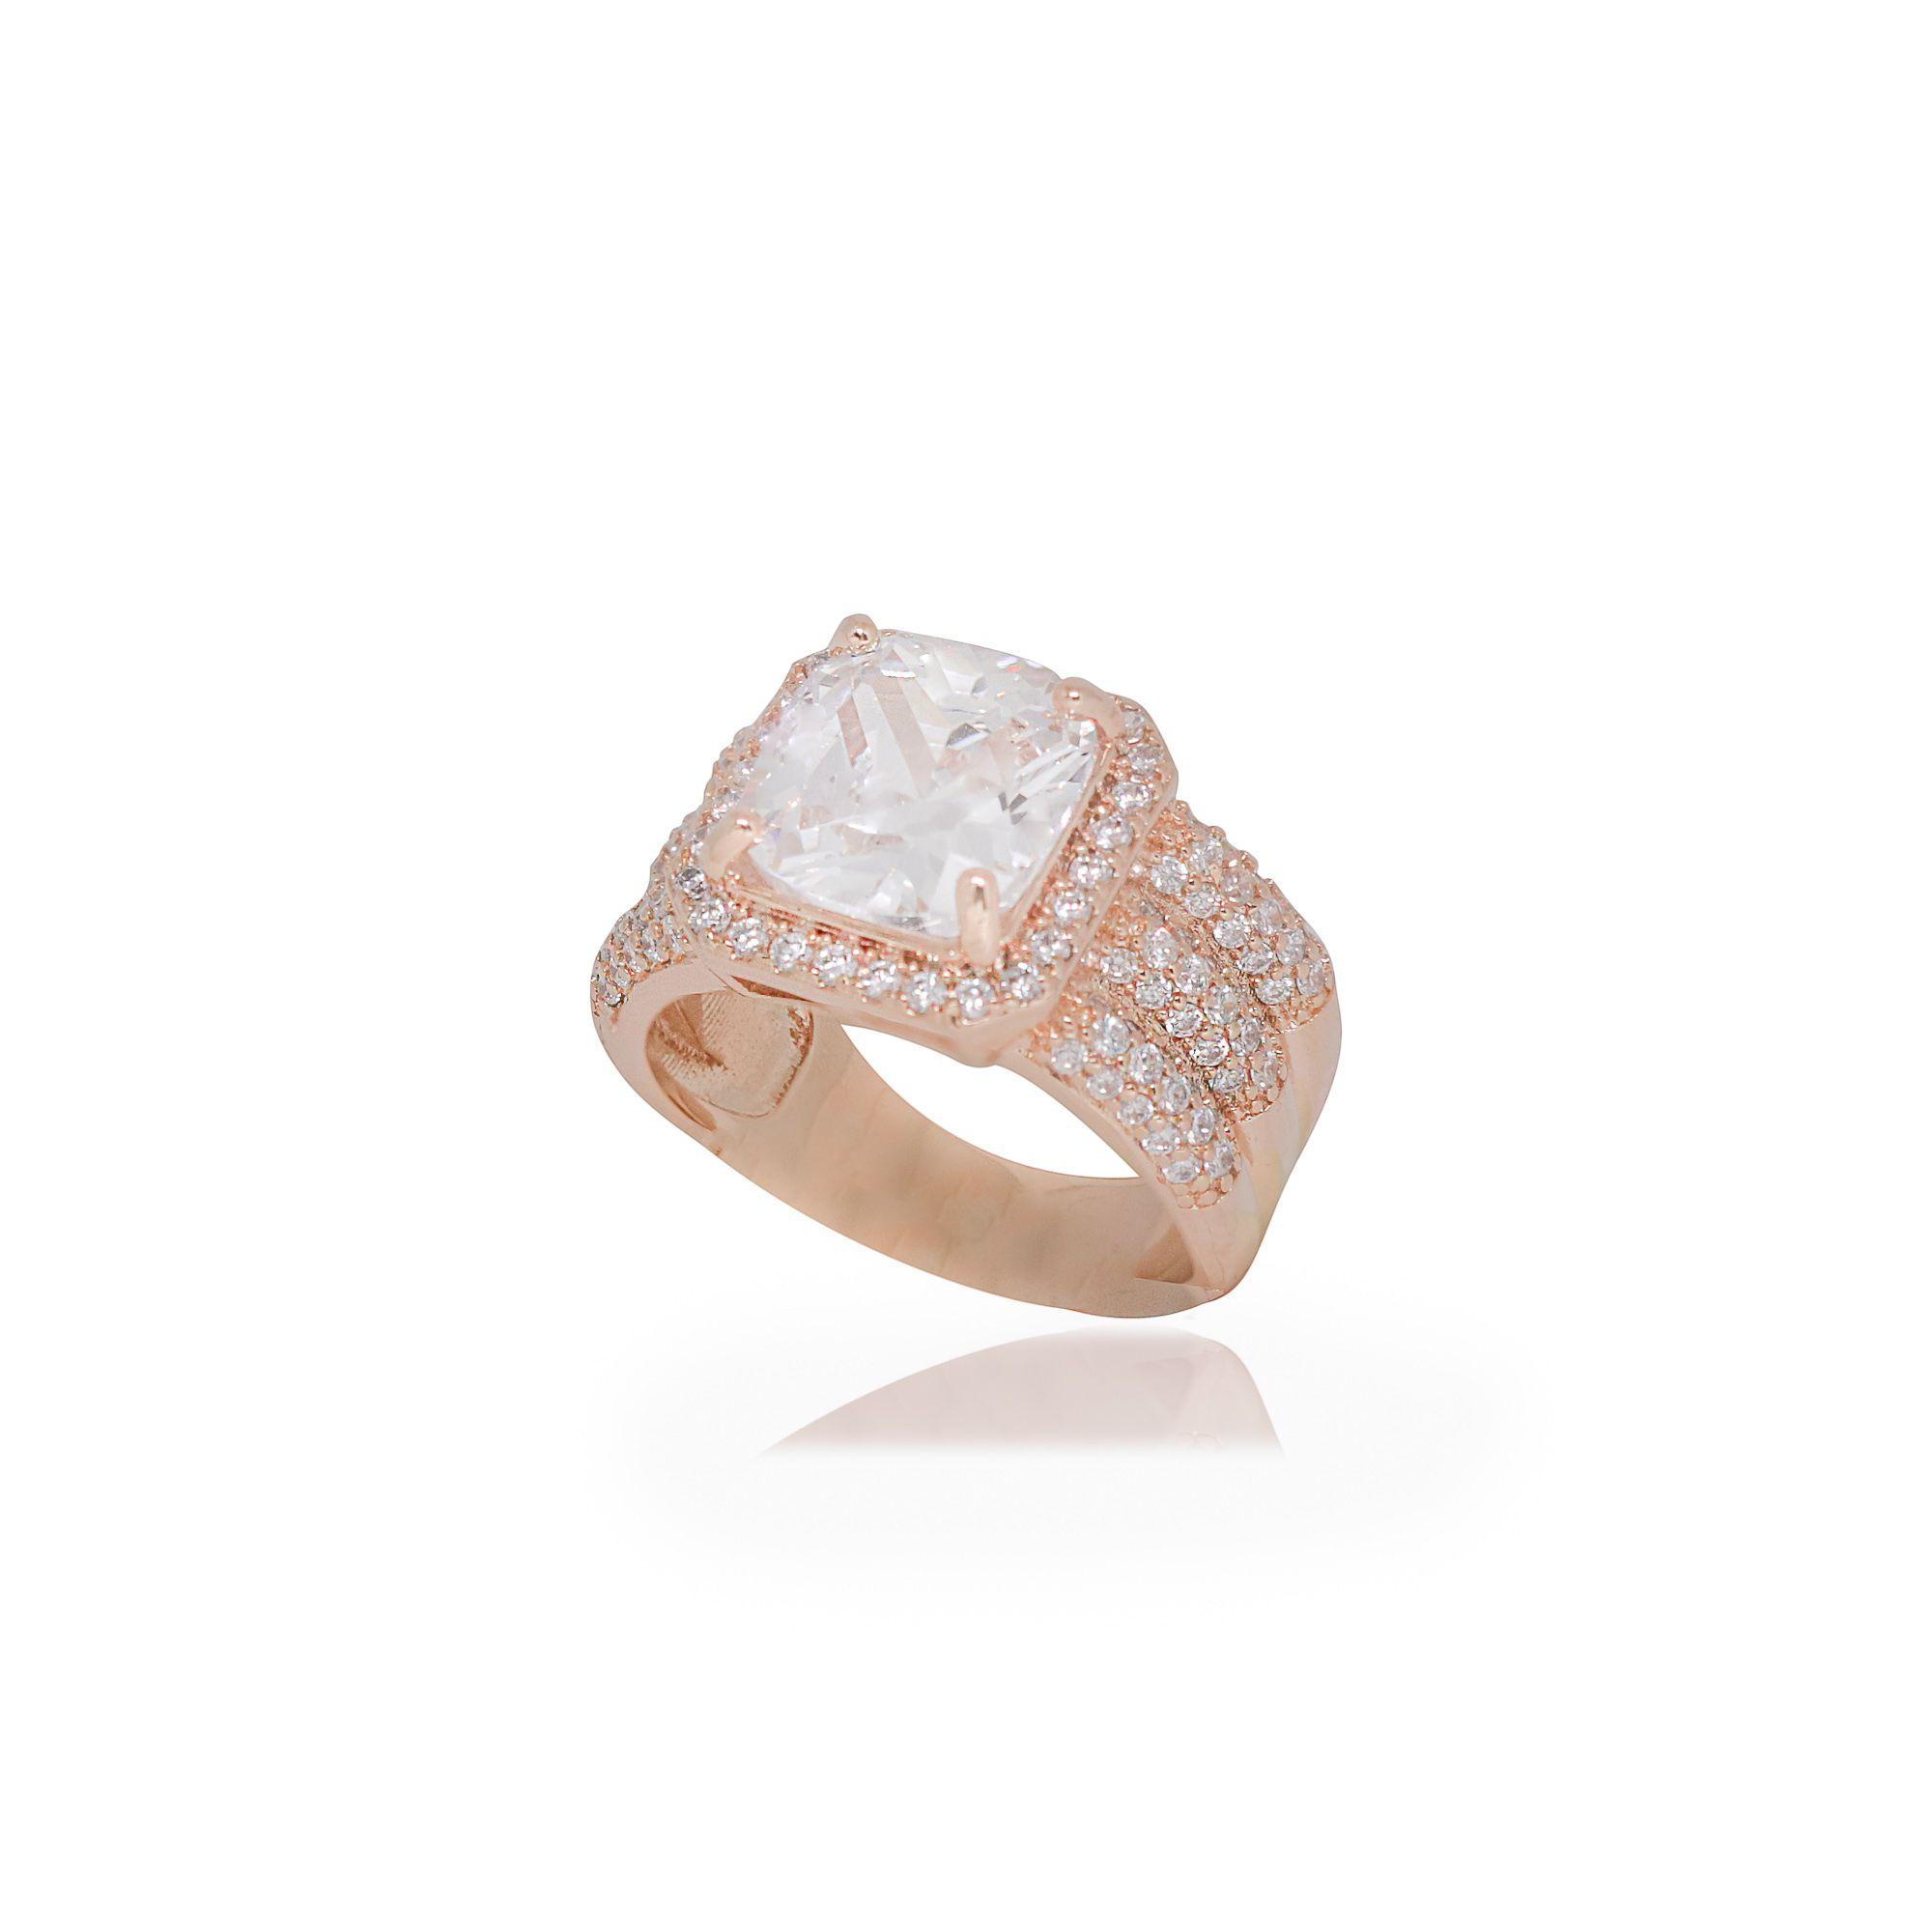 Anel semijoia Quadrado cristal com 3 camadas em microzircônia e folheado a ouro 18k ou rhodium